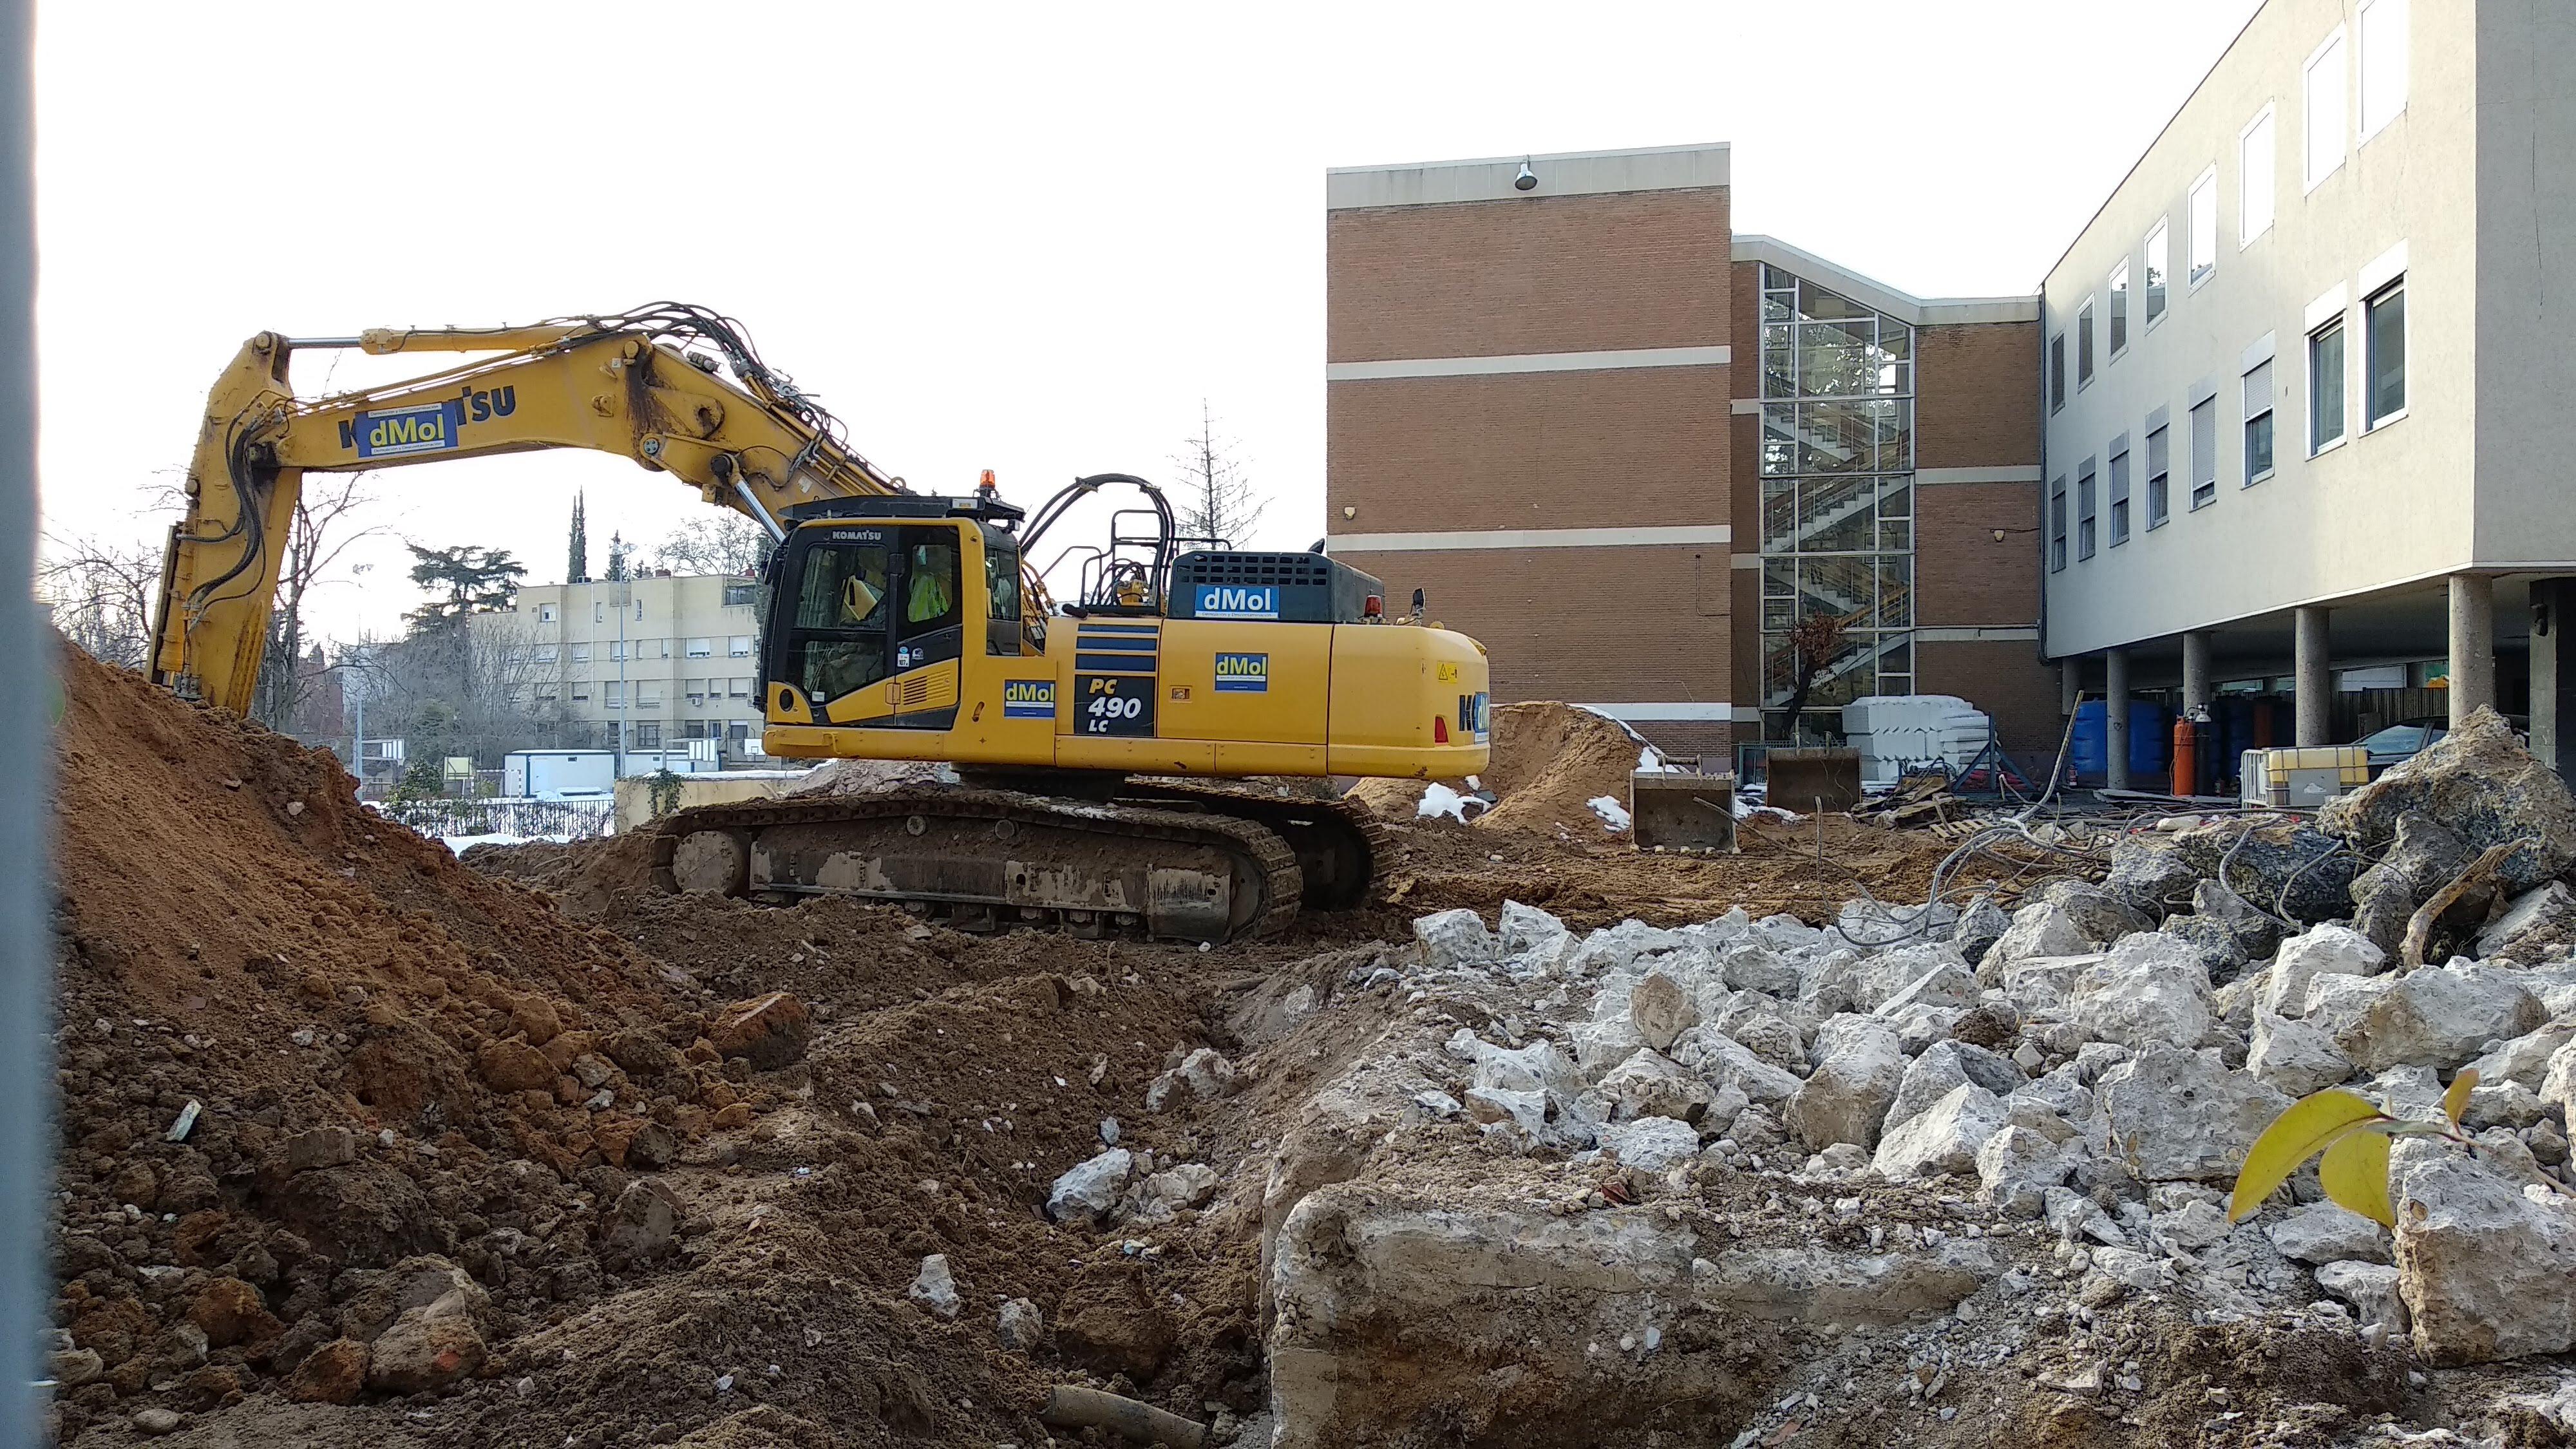 Demolición pebellón sur del Colegio Alemán de Madrid. Enero de 2021. (Foto: Enrique F. Rojo, 2021)